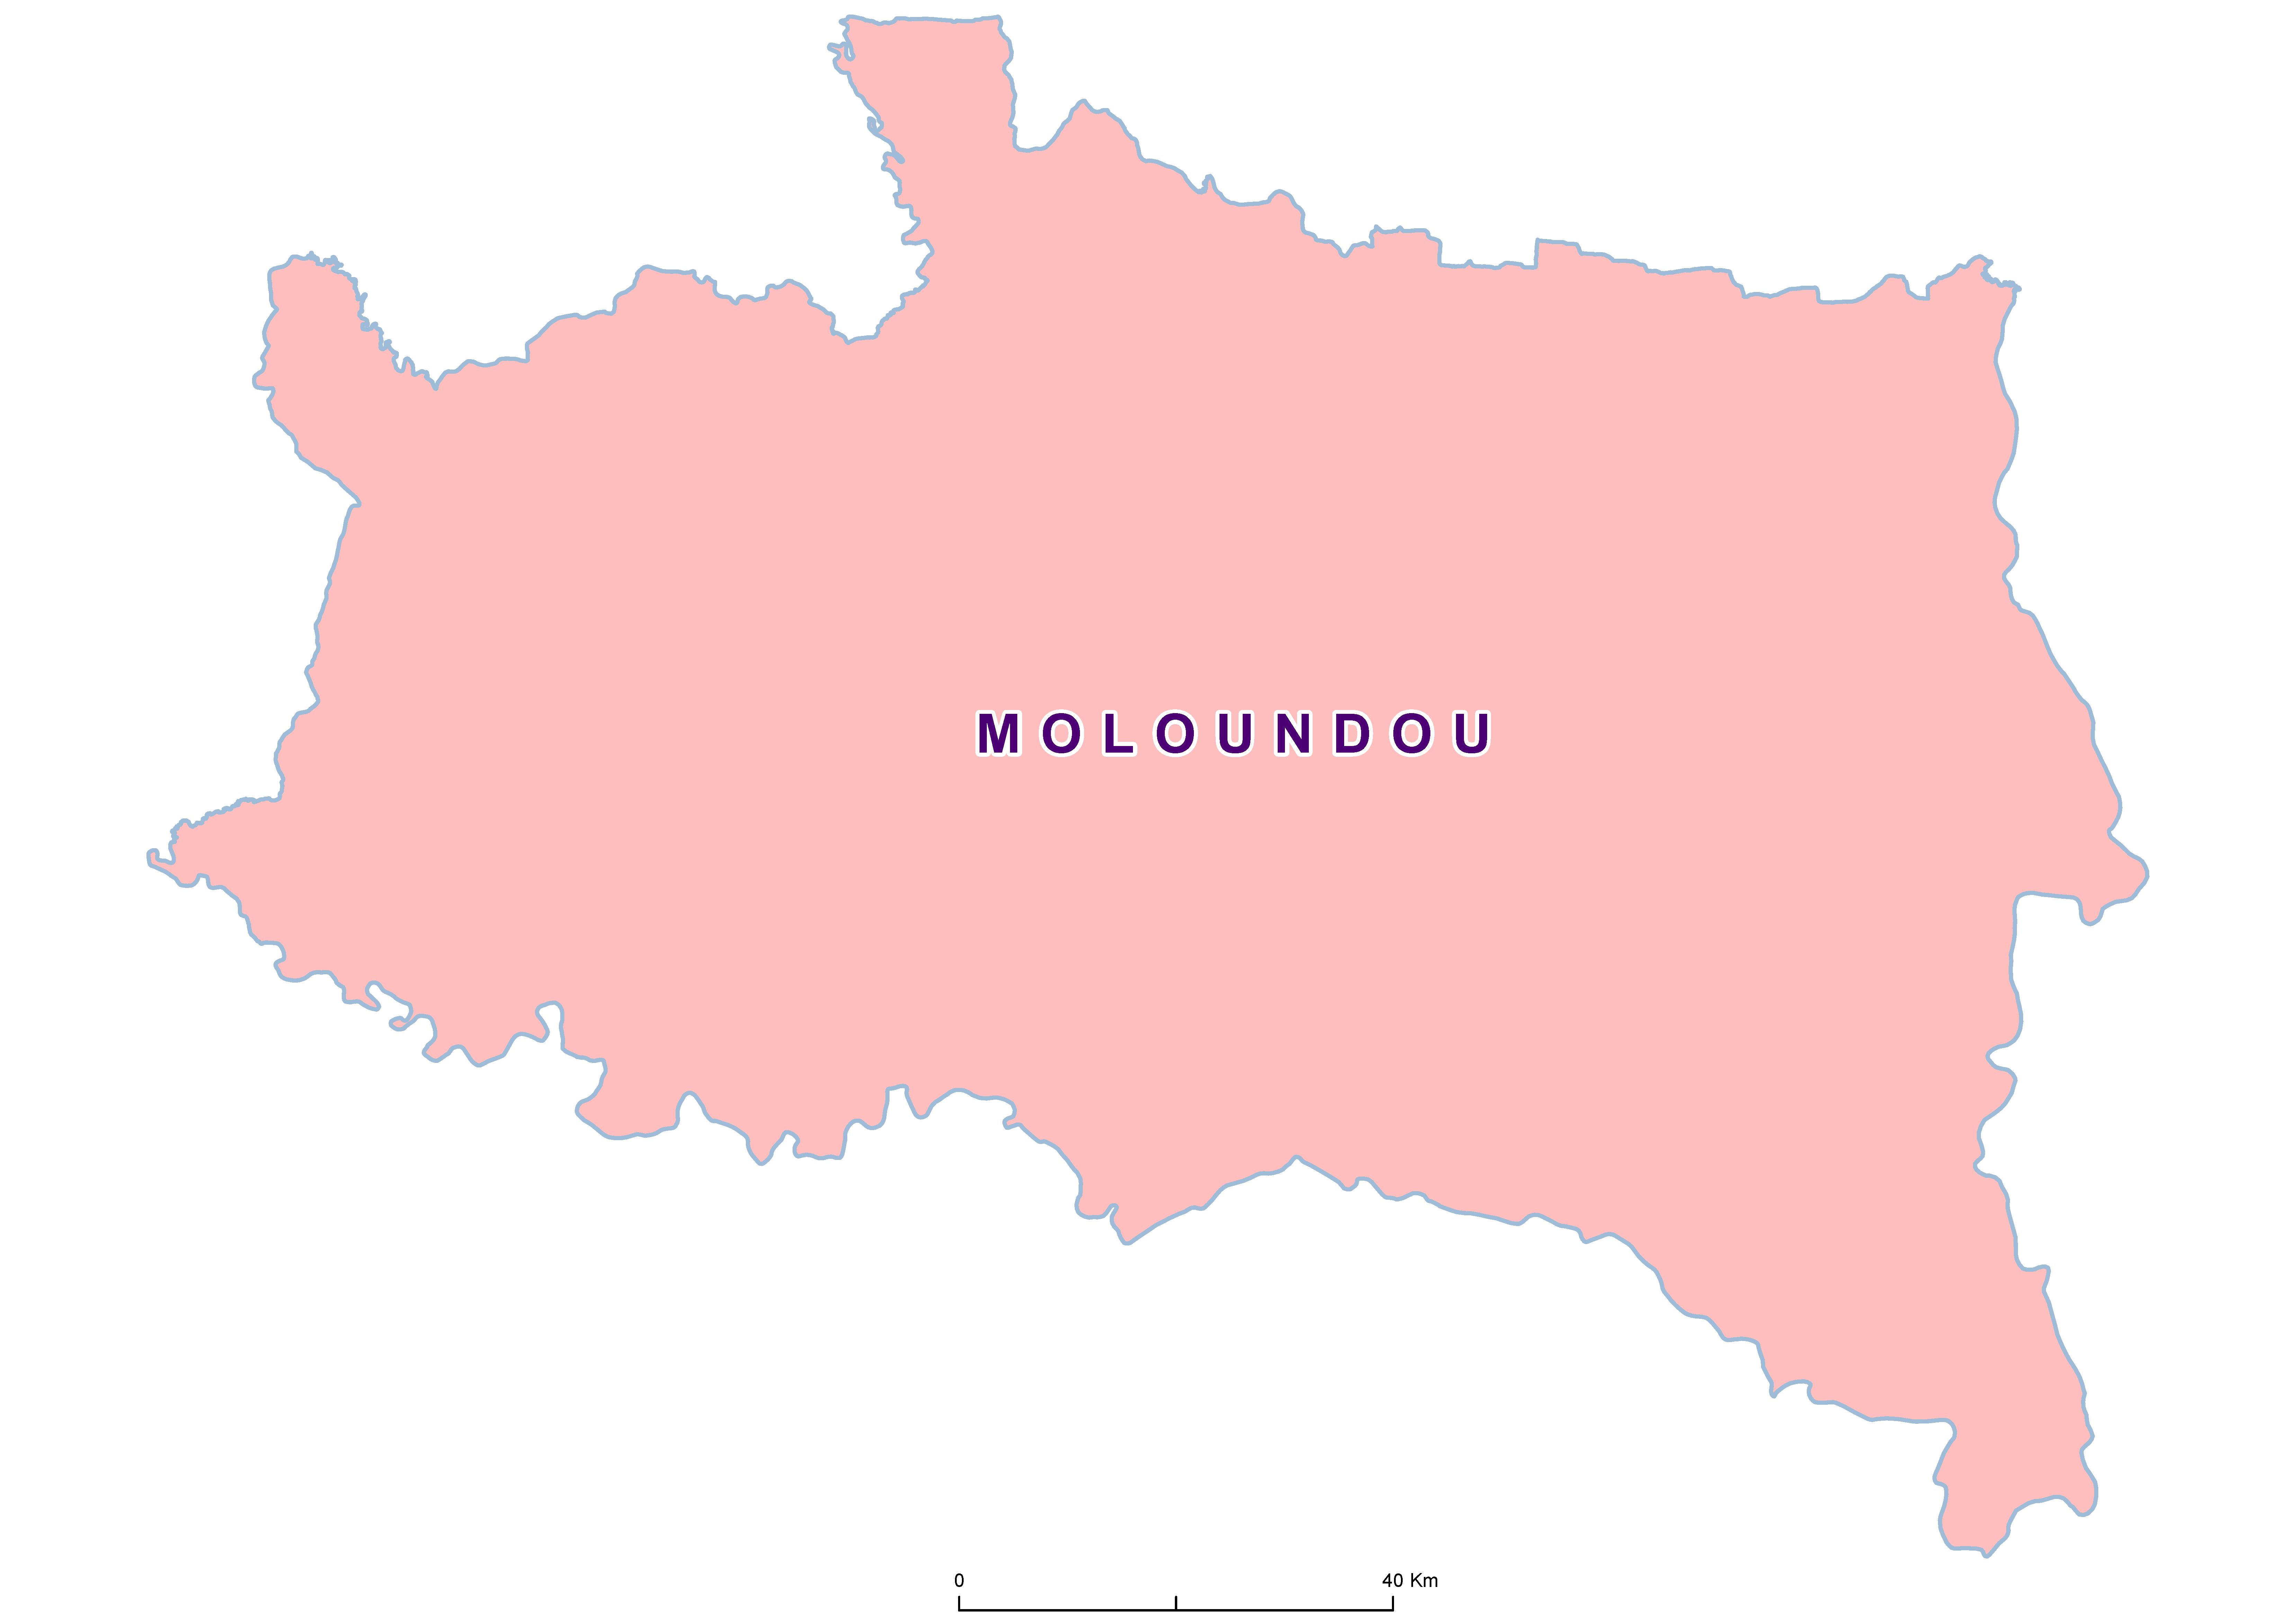 Moloundou Mean SCH 19850001